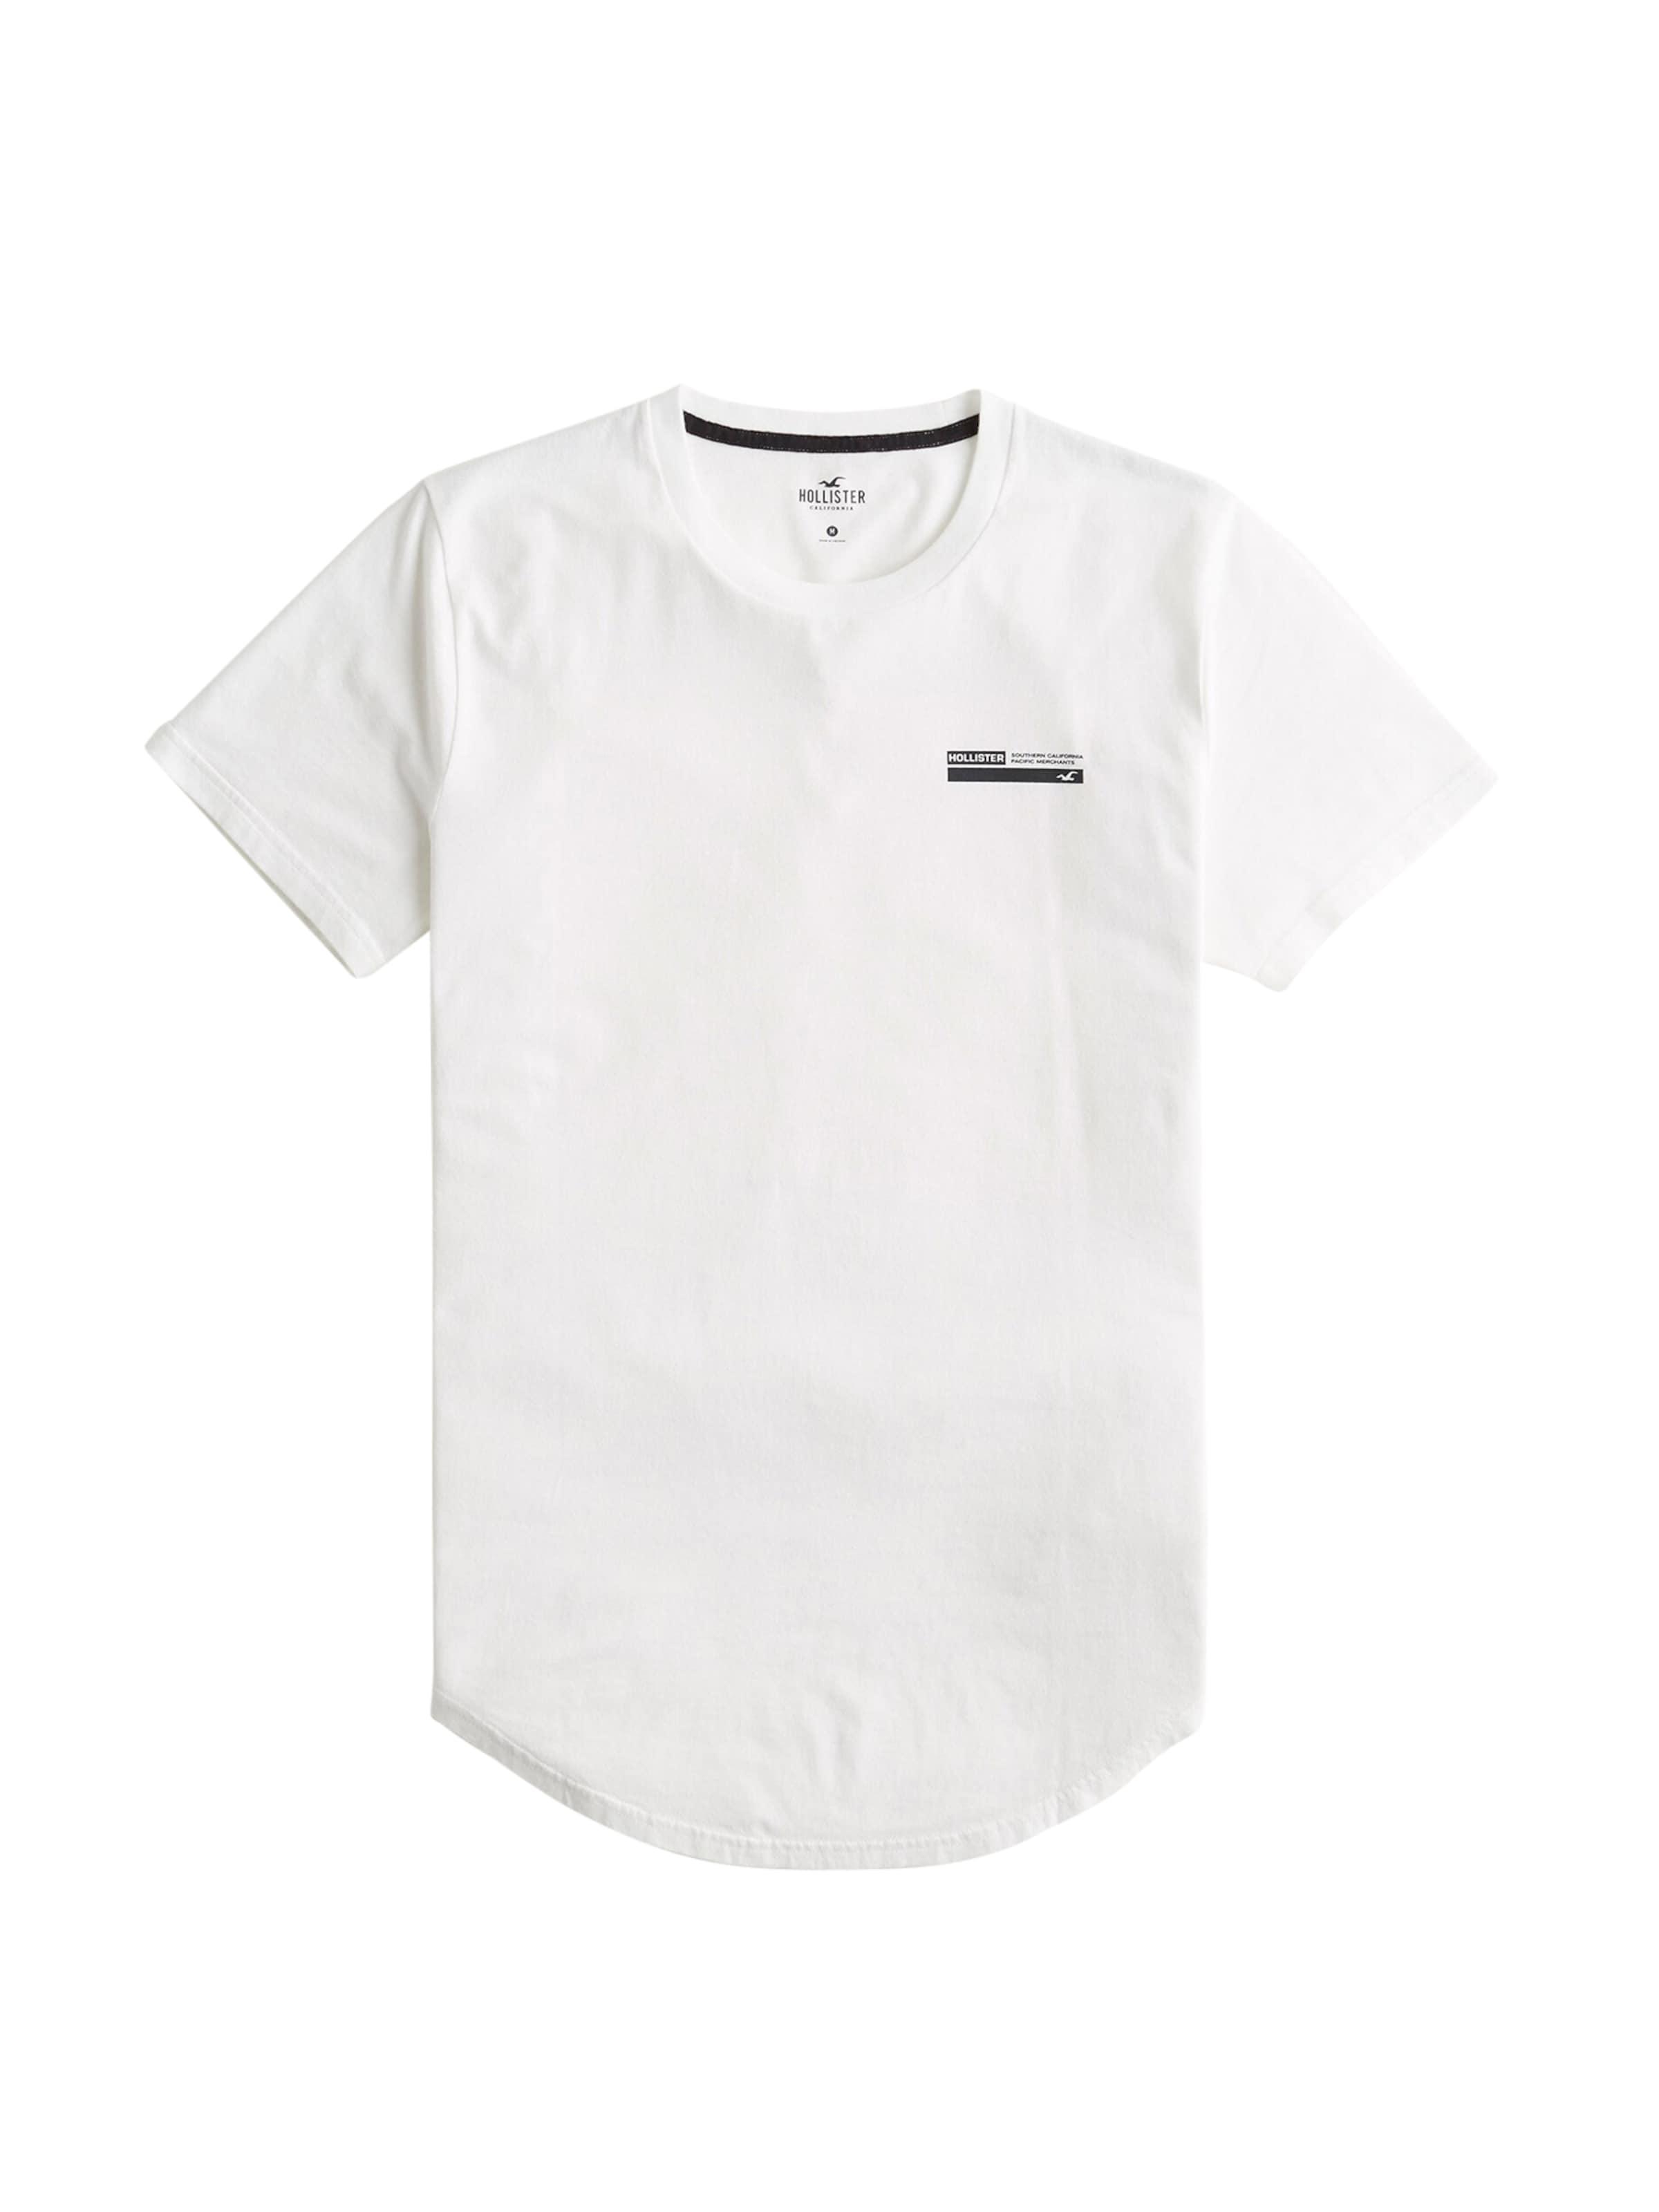 T Hollister T En Hollister Blanc shirt shirt En Blanc tdChQxsr